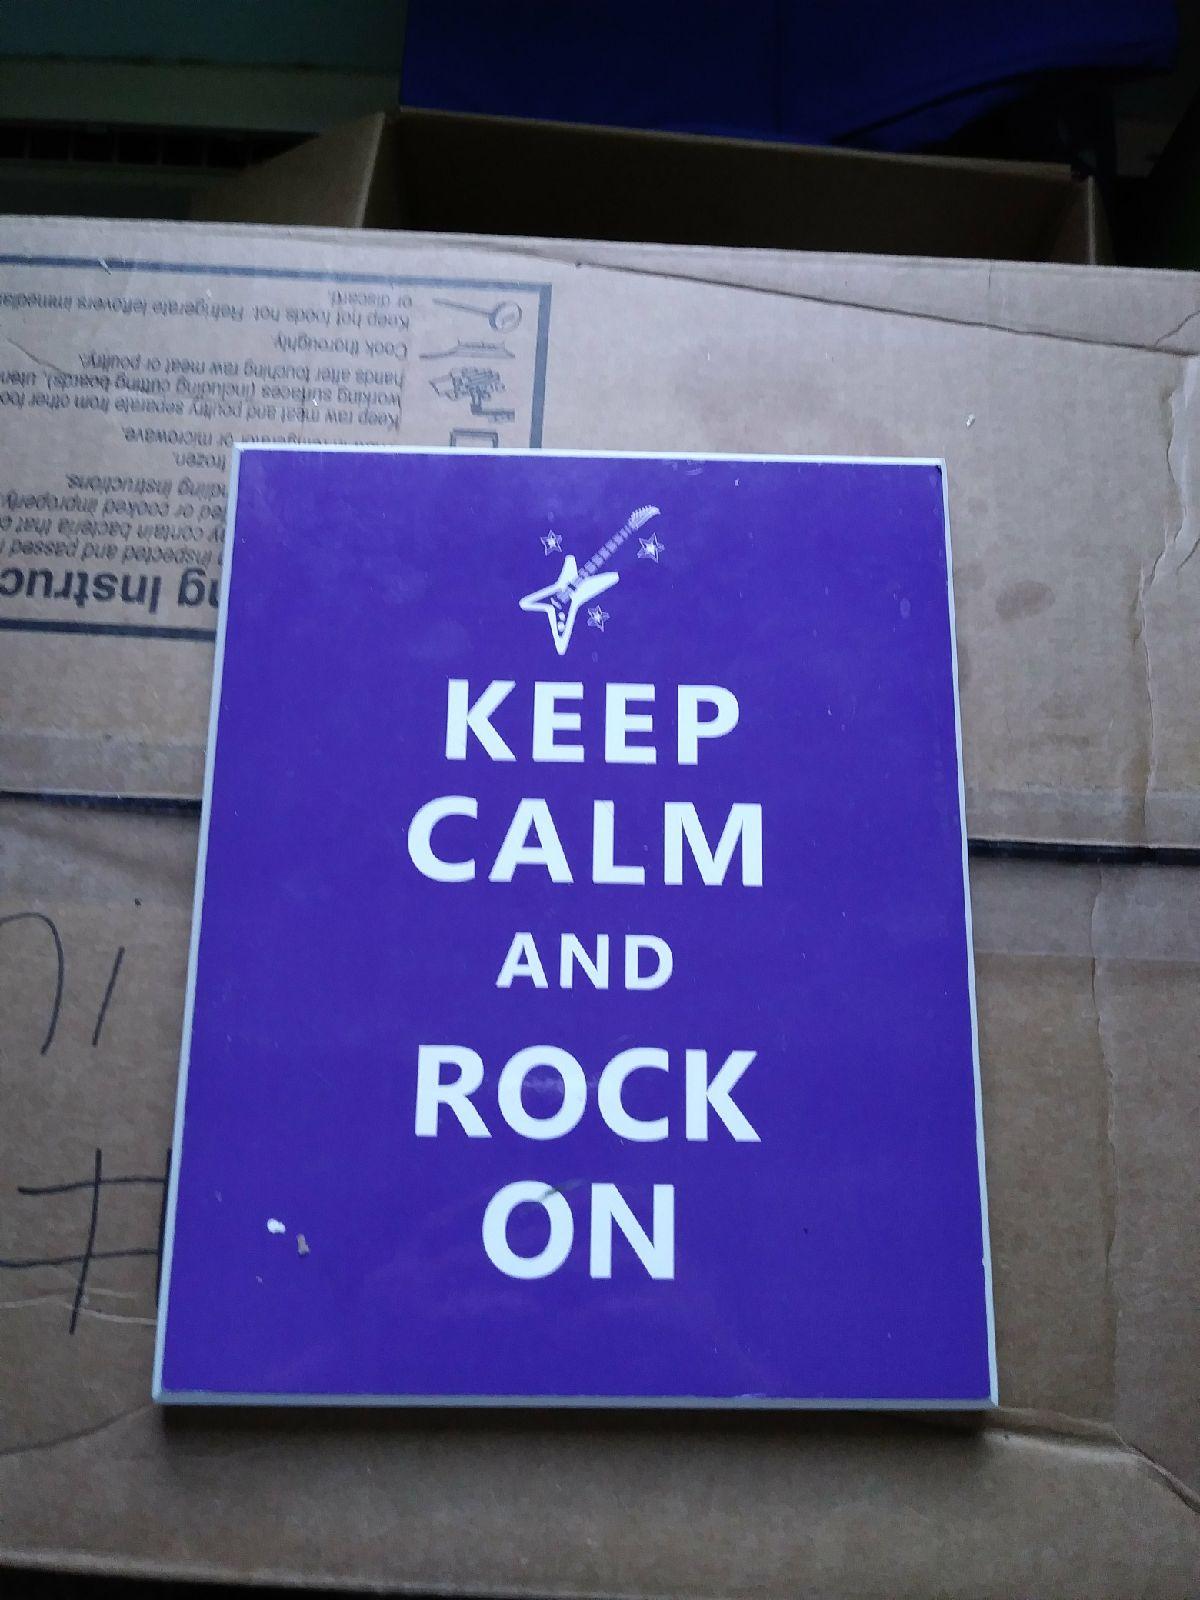 Keep calm wooden sign